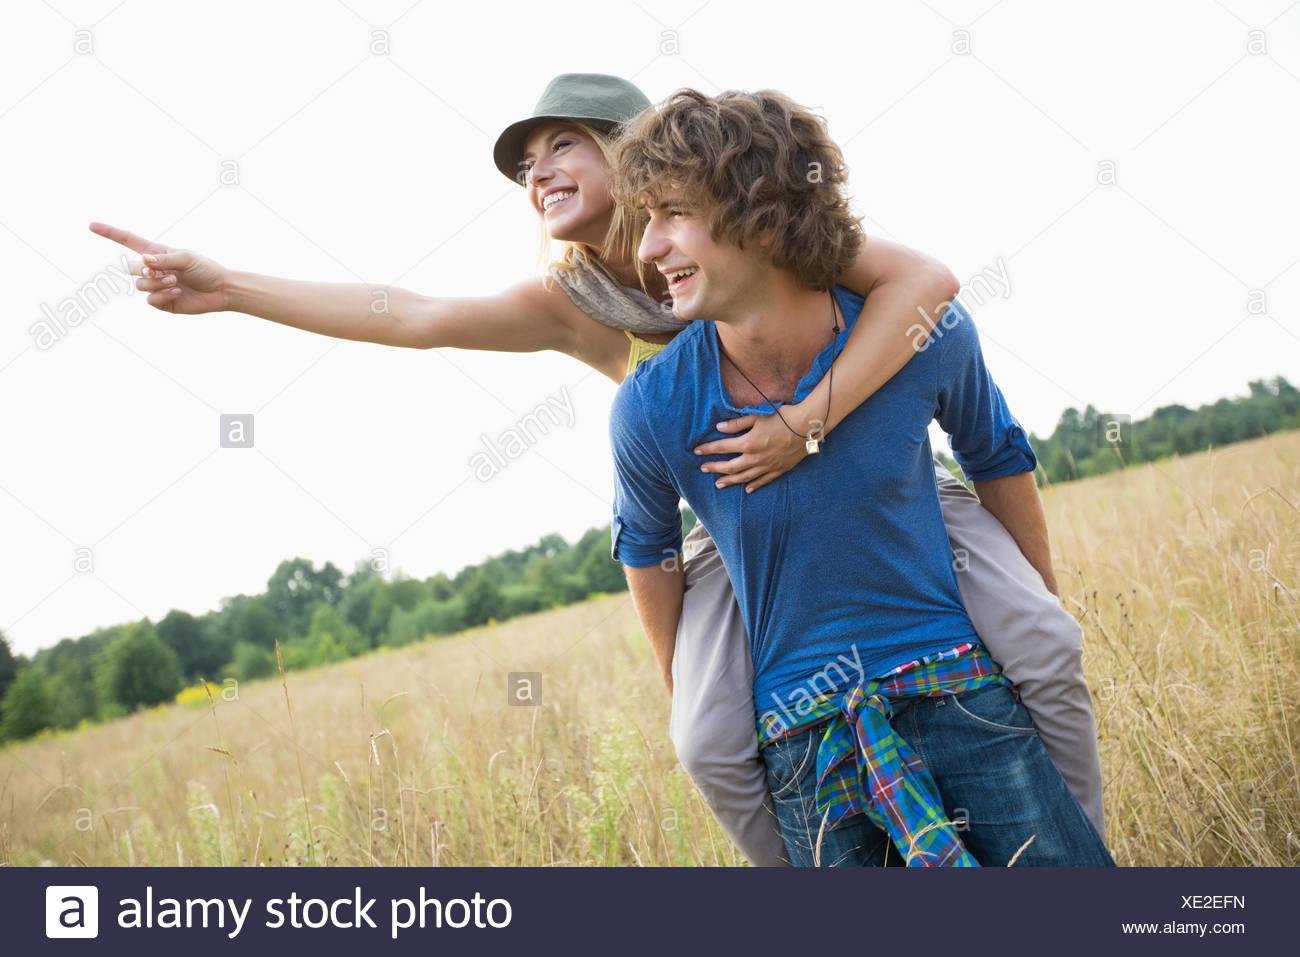 Woman showing something while enjoying piggyback ride on man in field - Stock Image